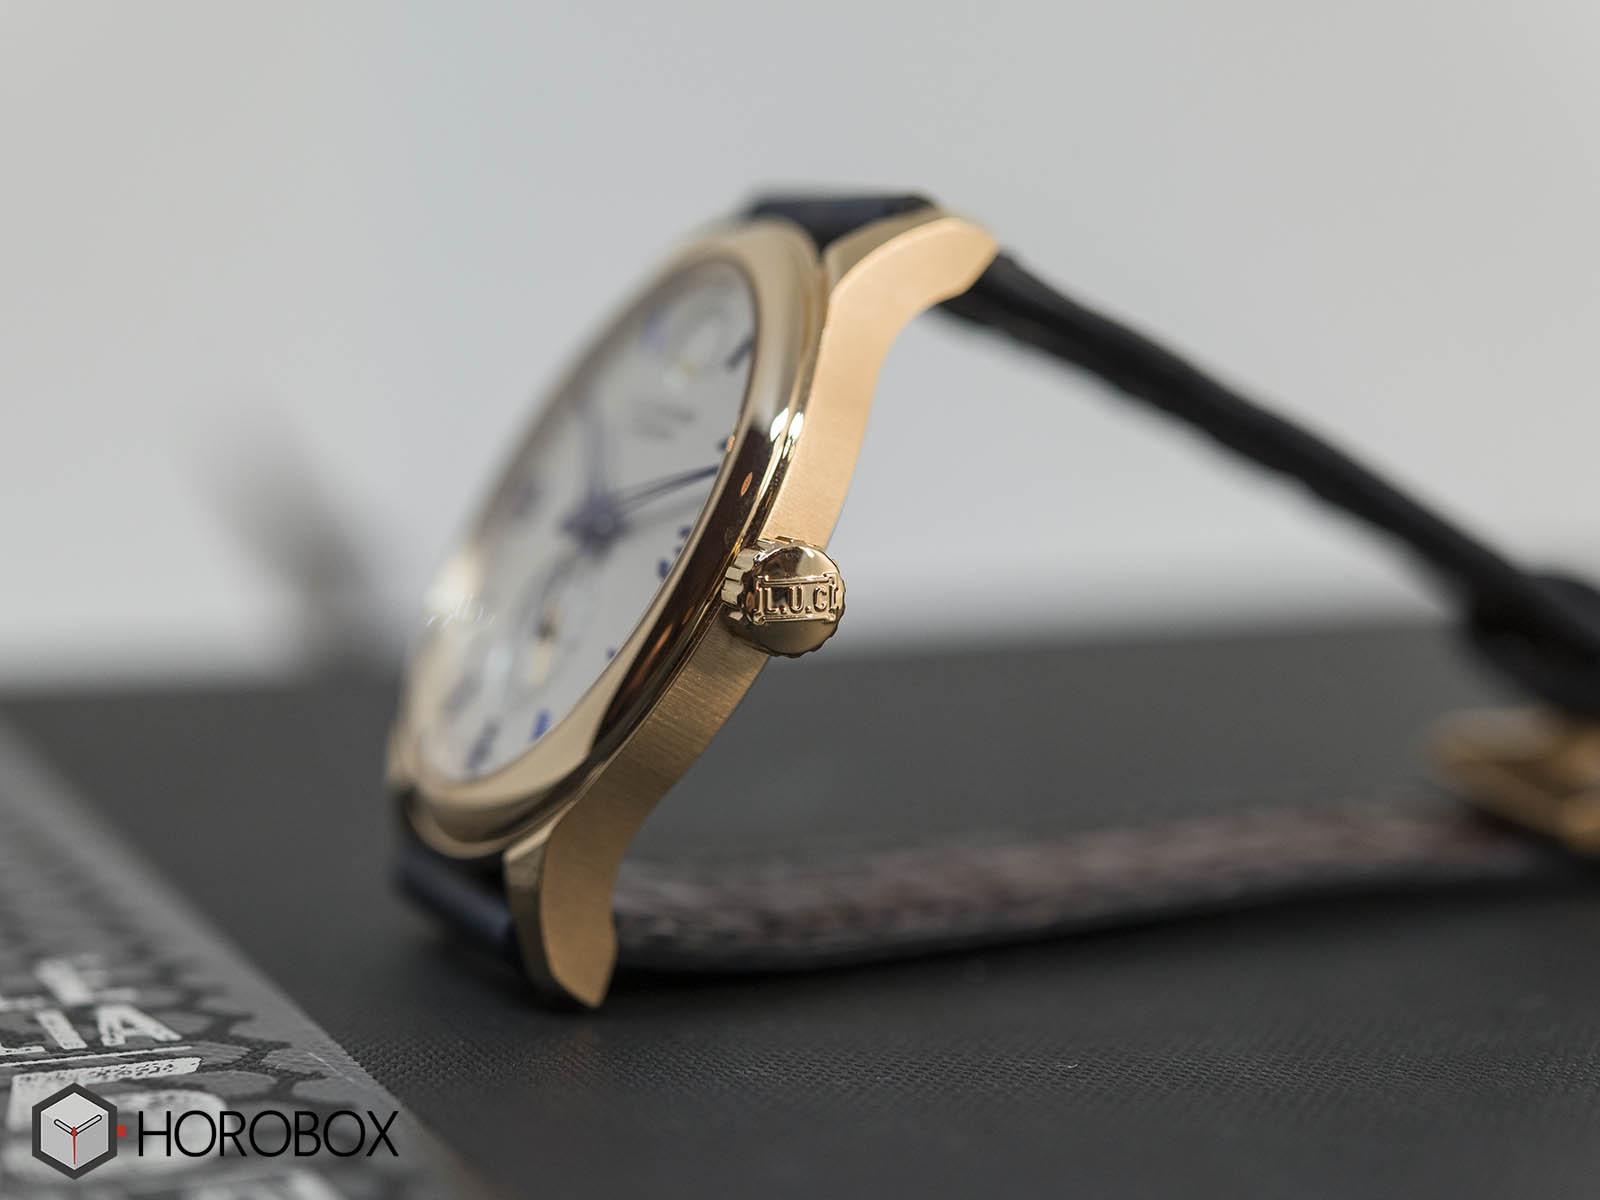 161926-5004-chopard-l-u-c-quattro-limited-edition-5.jpg